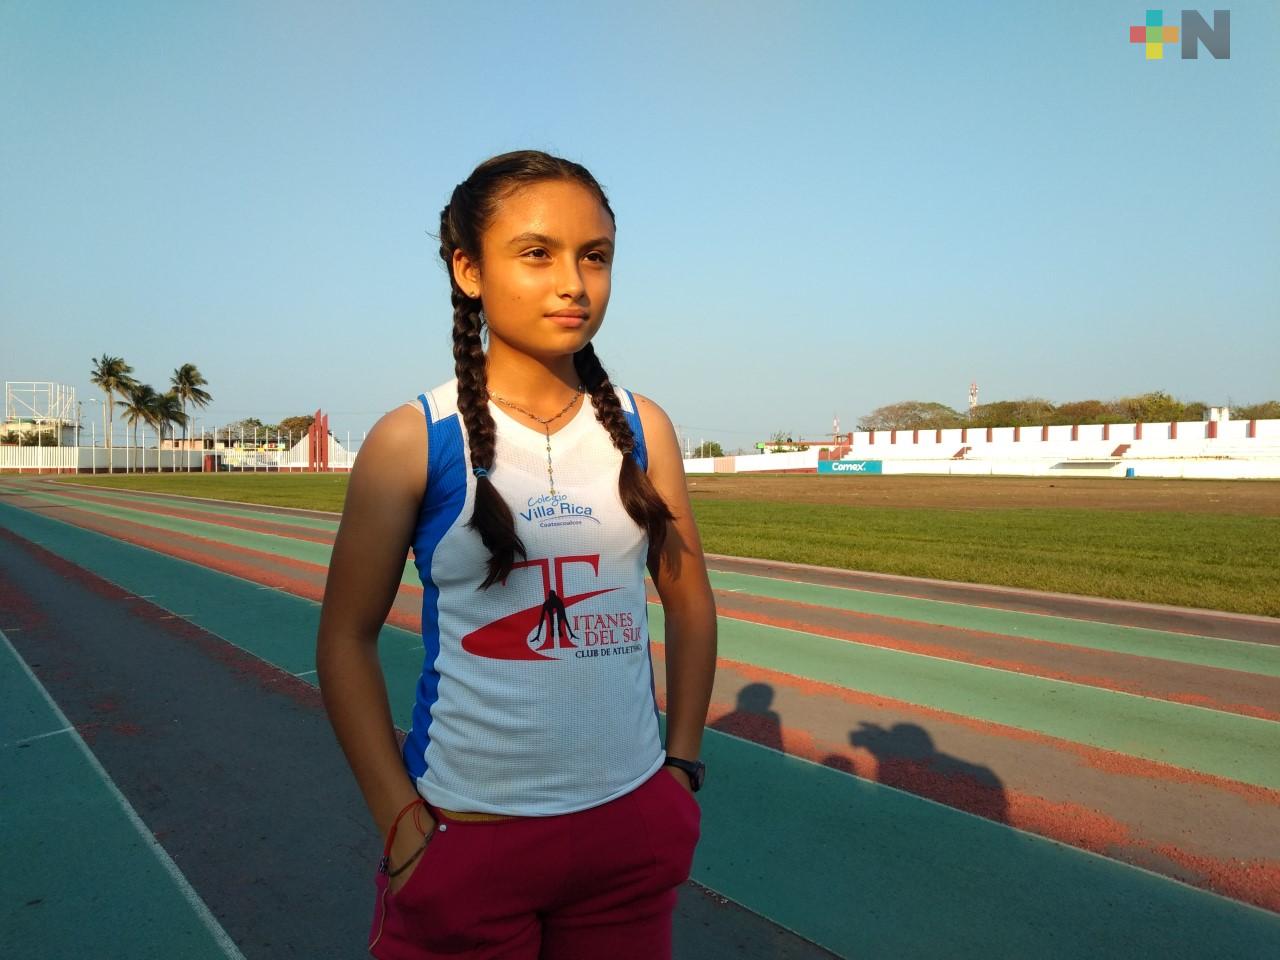 Competirá en 80 metros con vallas de Juegos Nacionales